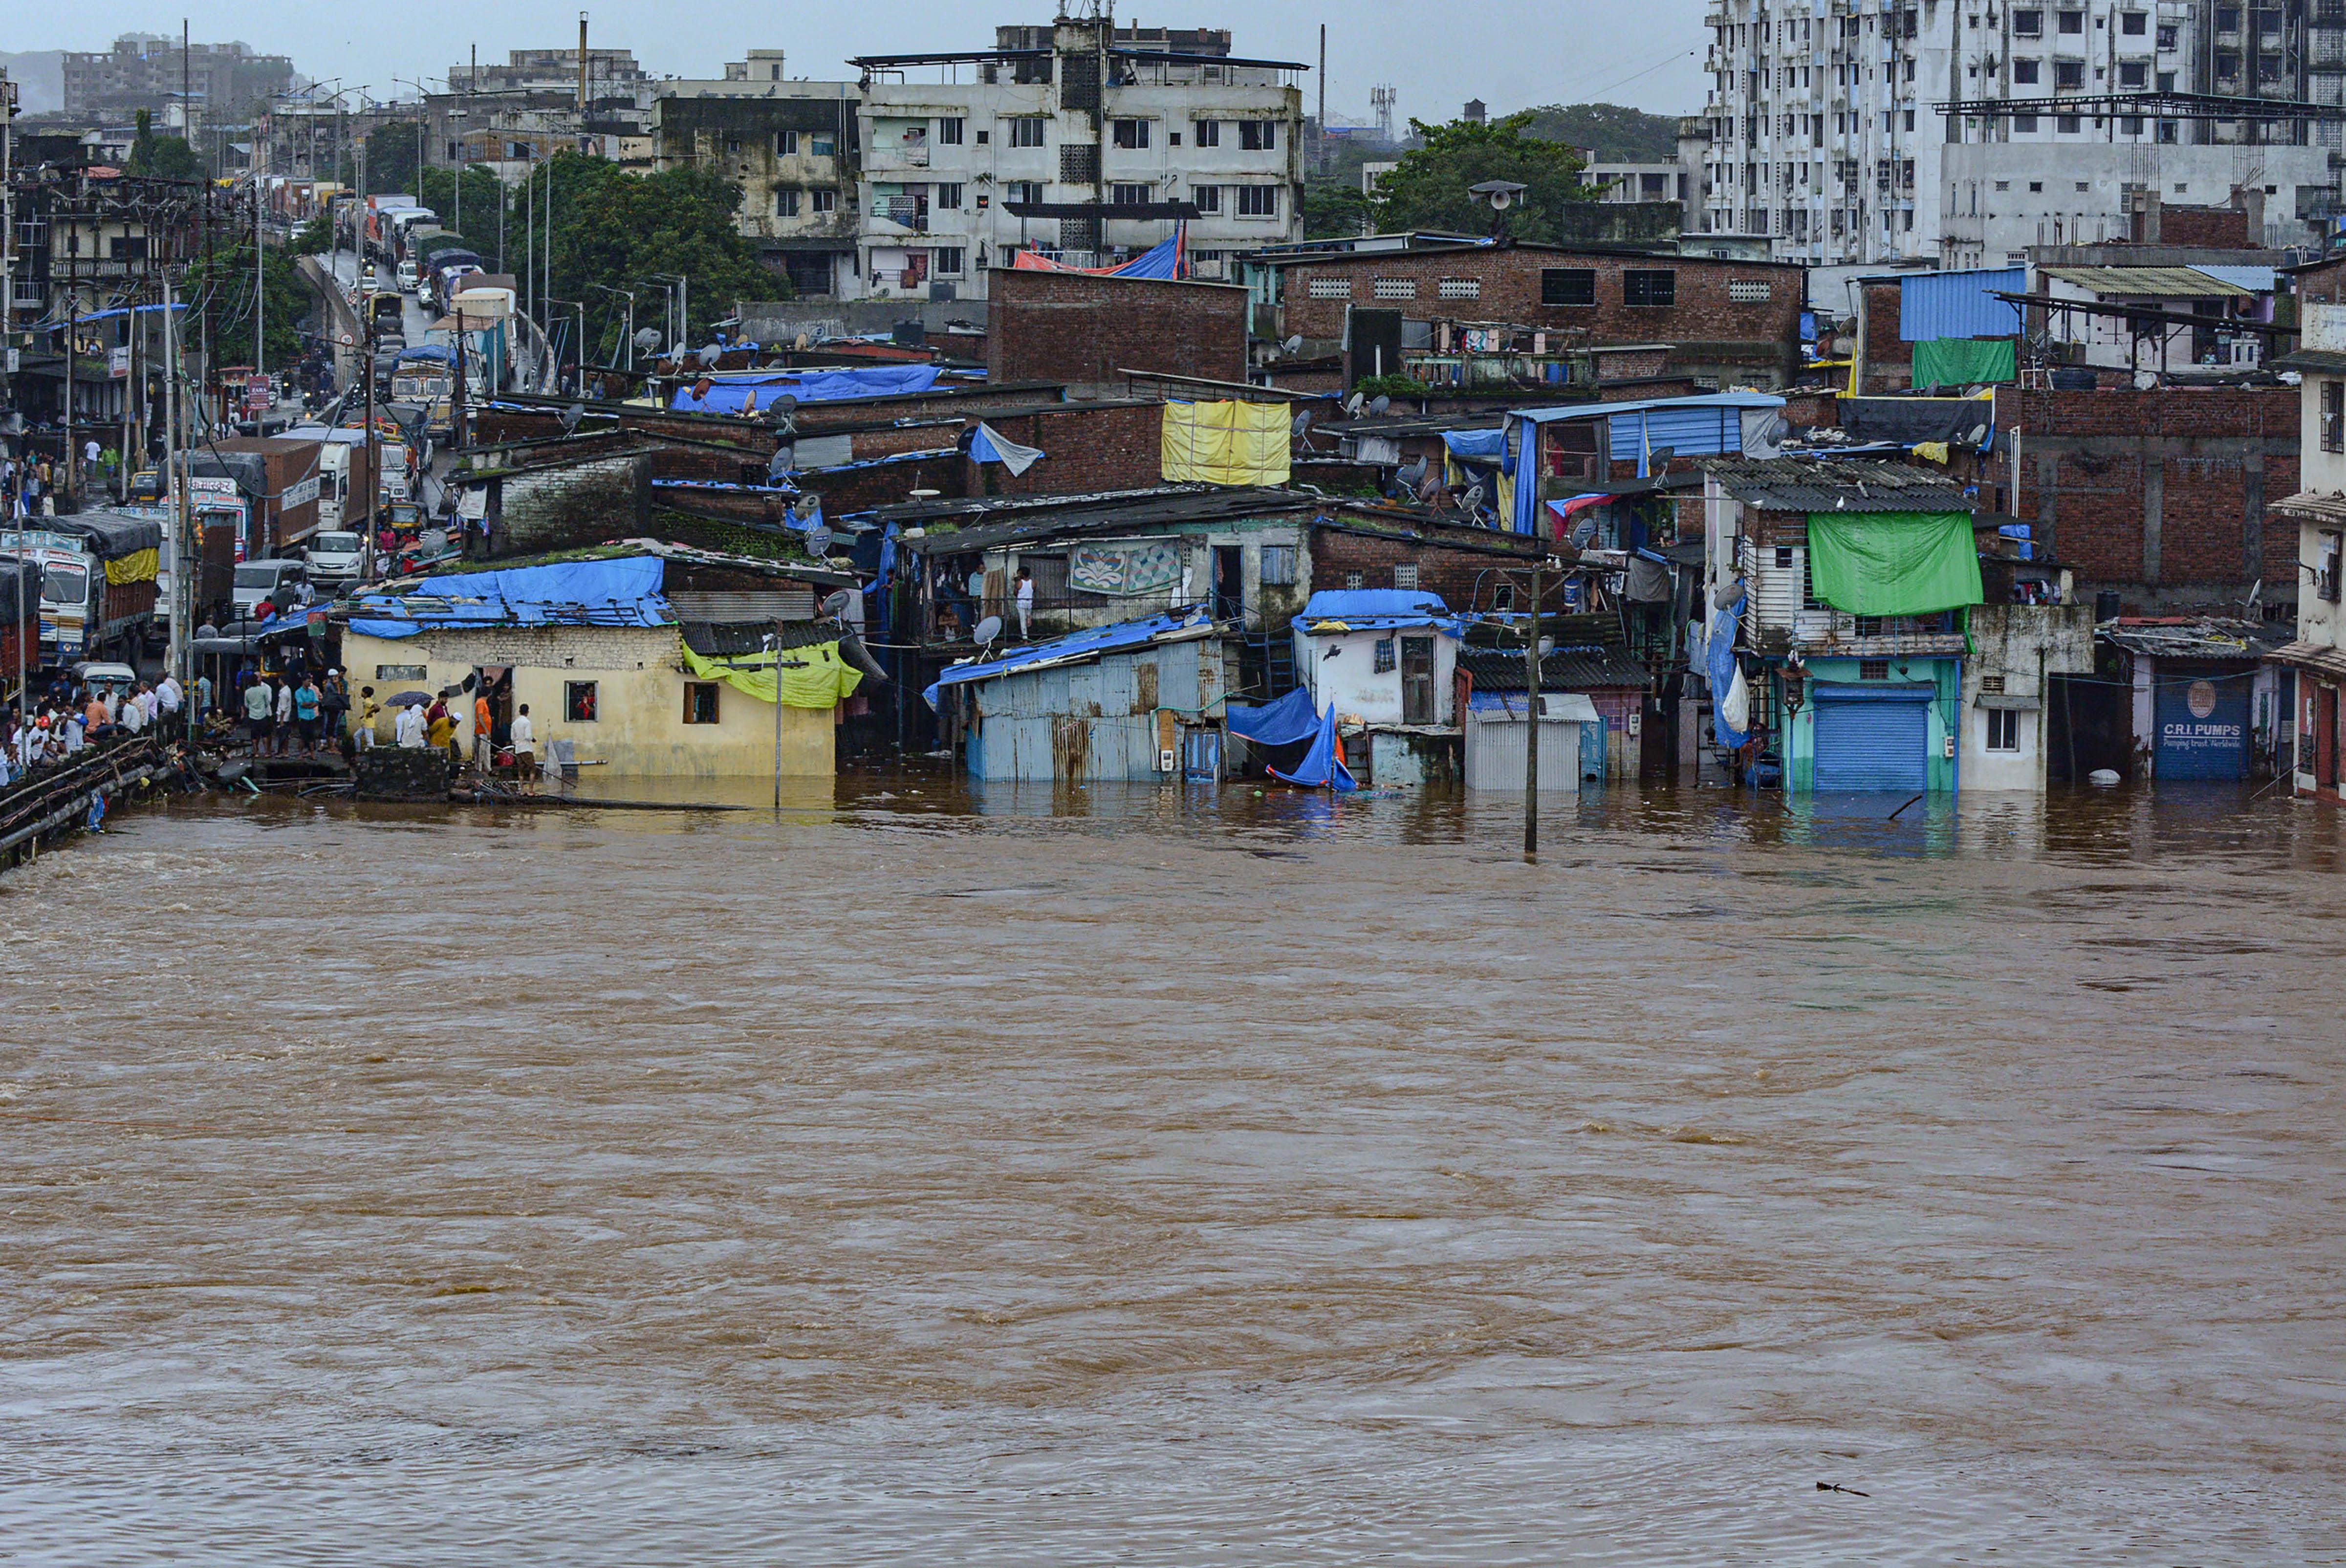 महाराष्ट्र में थाने शहर के भिवंडी इलाके में भारी बारिश के भरा पानी।